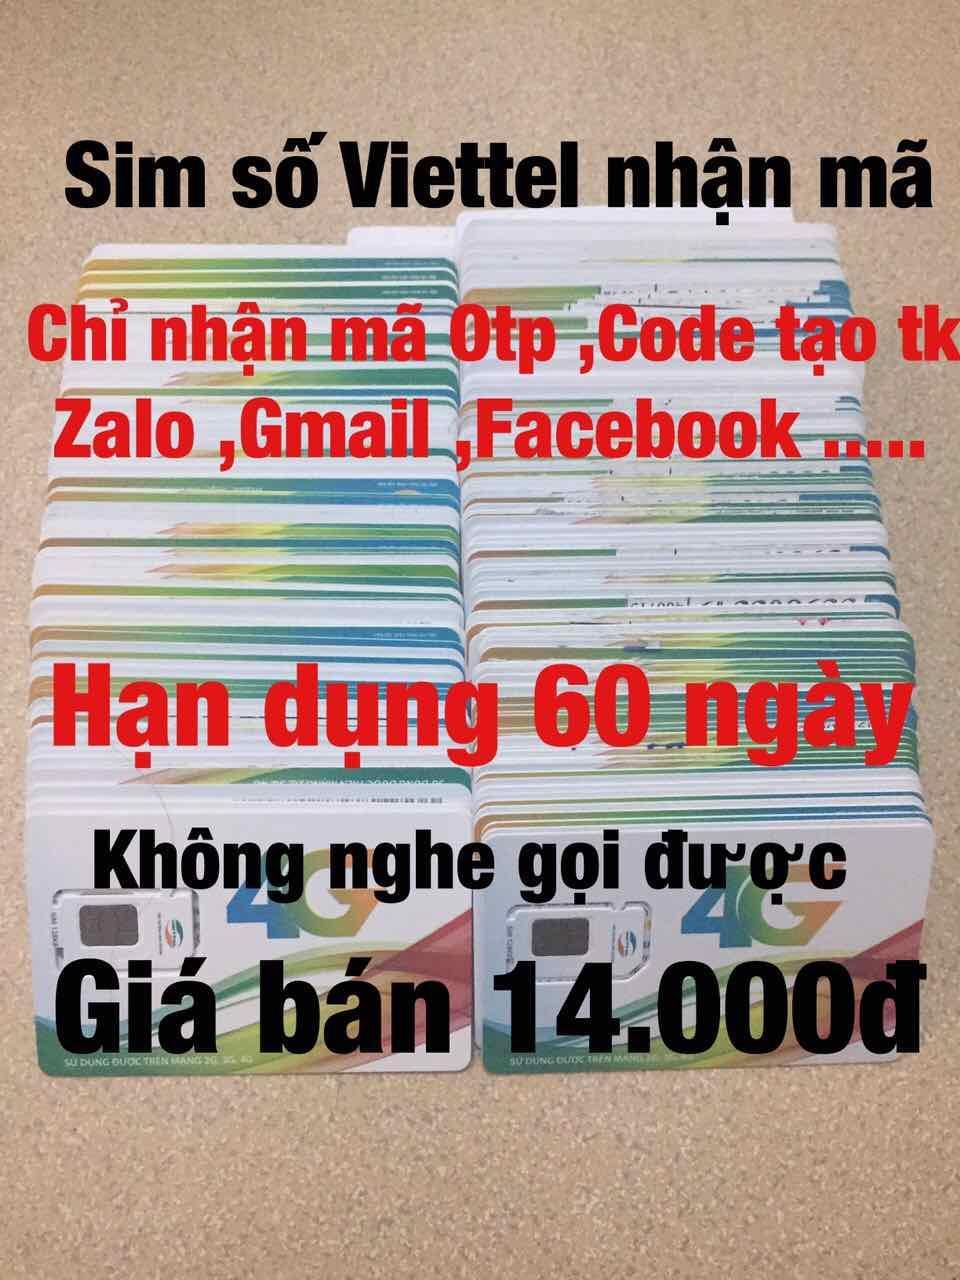 Sim Số Viettel Nhận Mã 14K Giá Cực Cool